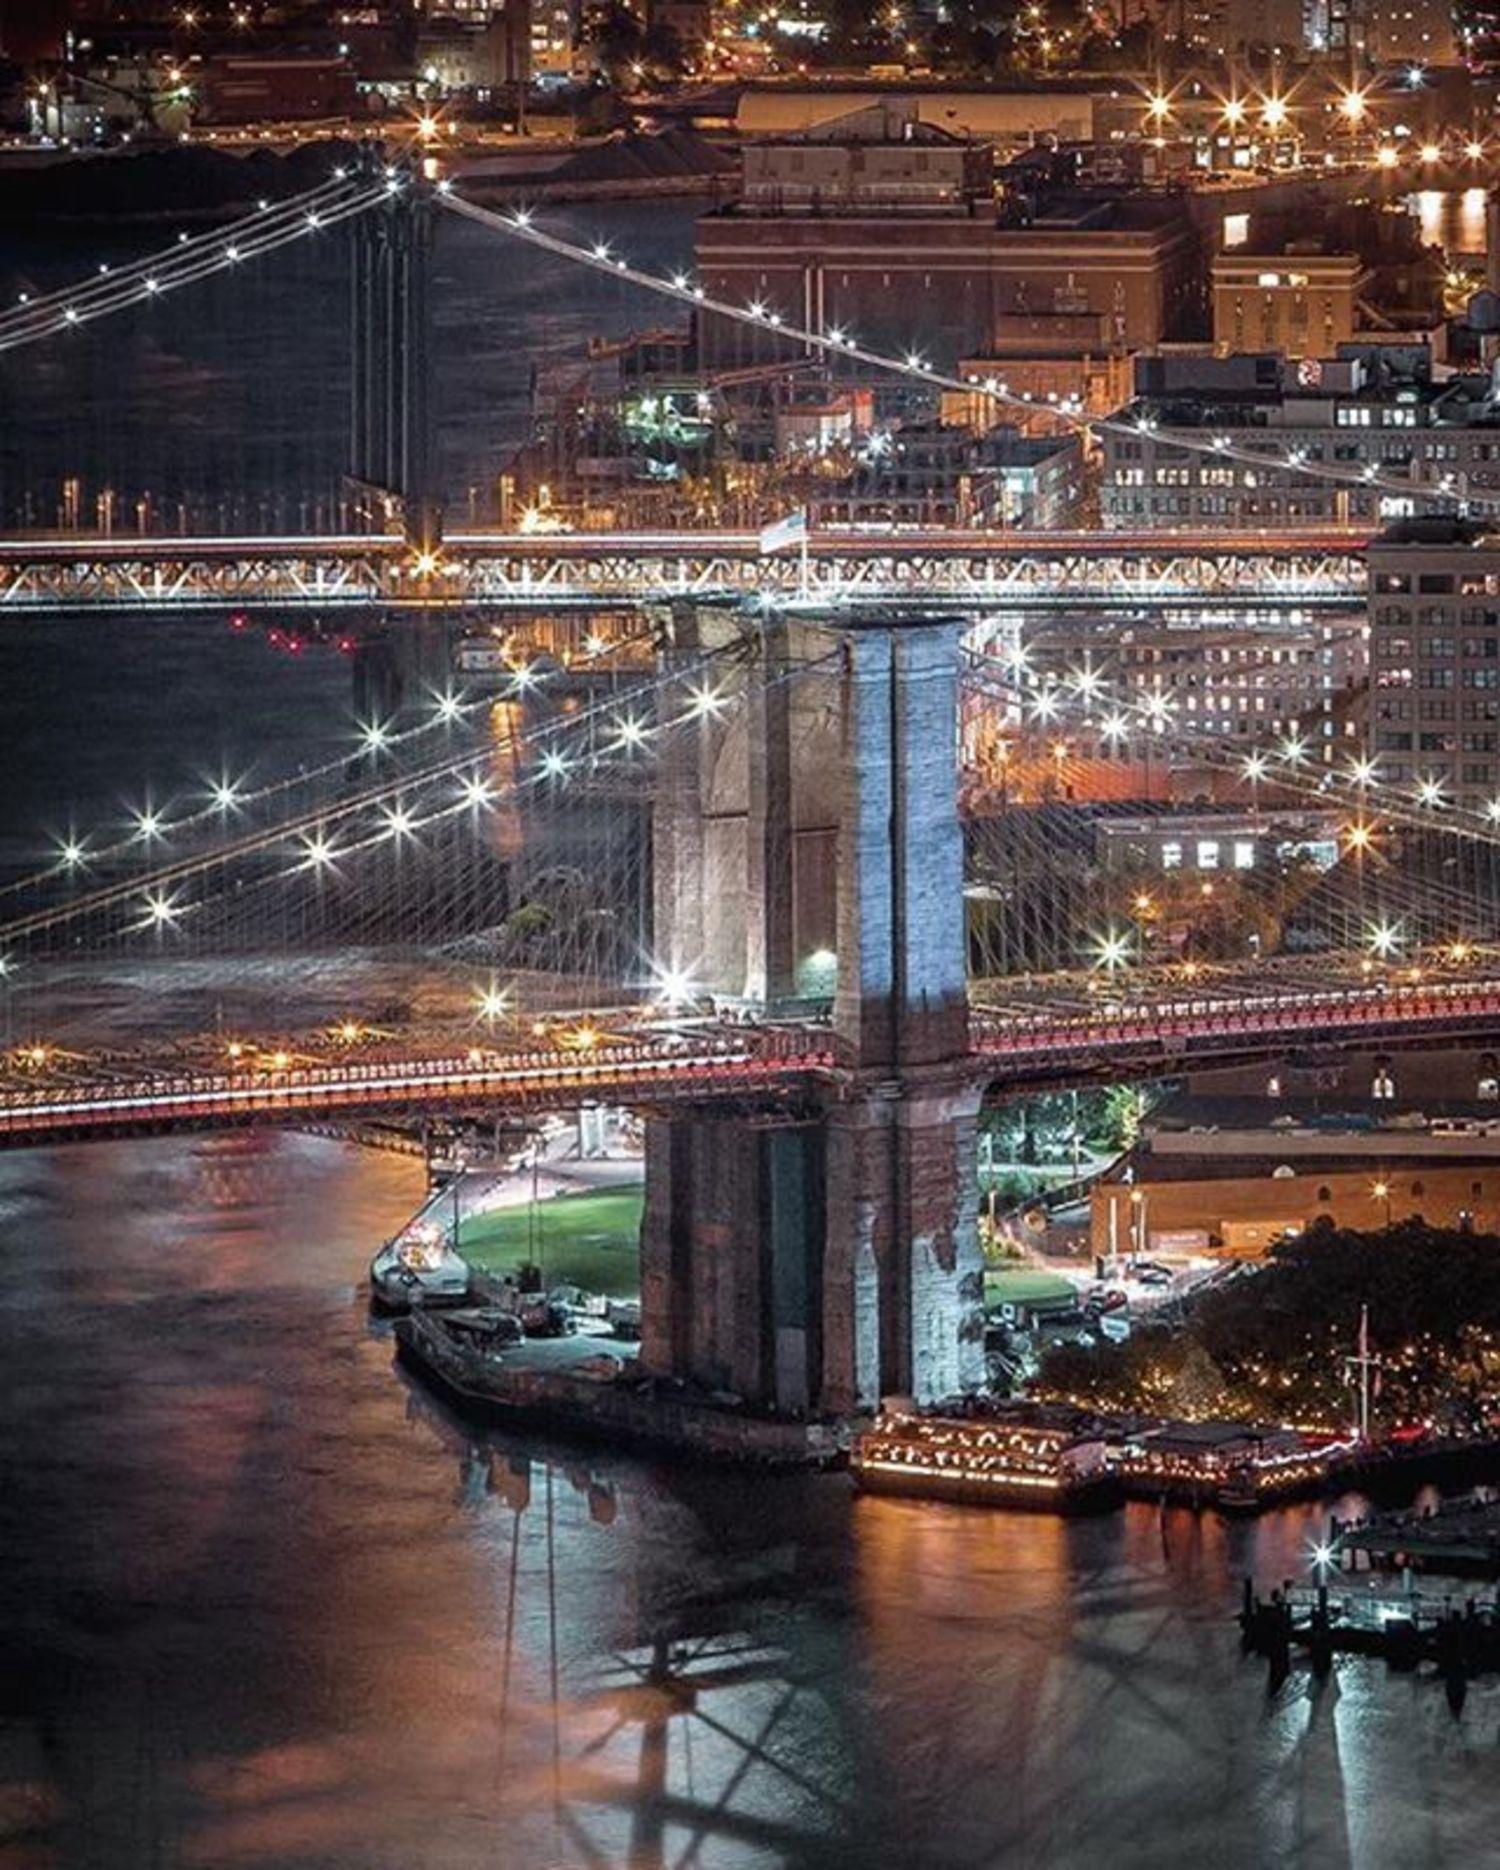 Dumbo, Brooklyn. Photo via @212sid #viewingnyc